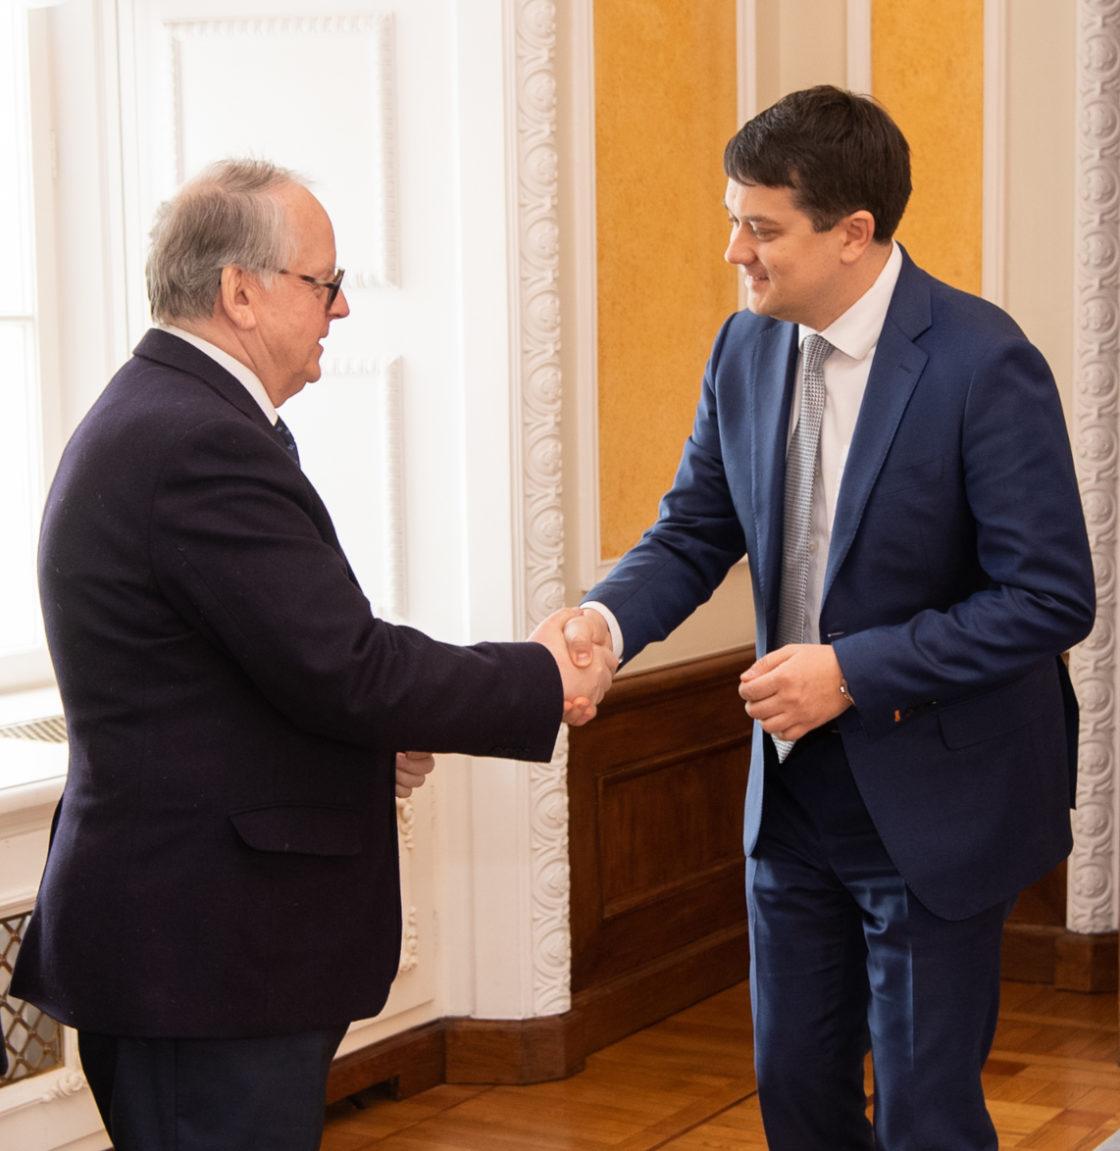 Väliskomisjoni esimees Enn Eesmaa tervitamas Ukraina Ülemraada esimeest Dmõtro Razumkovi